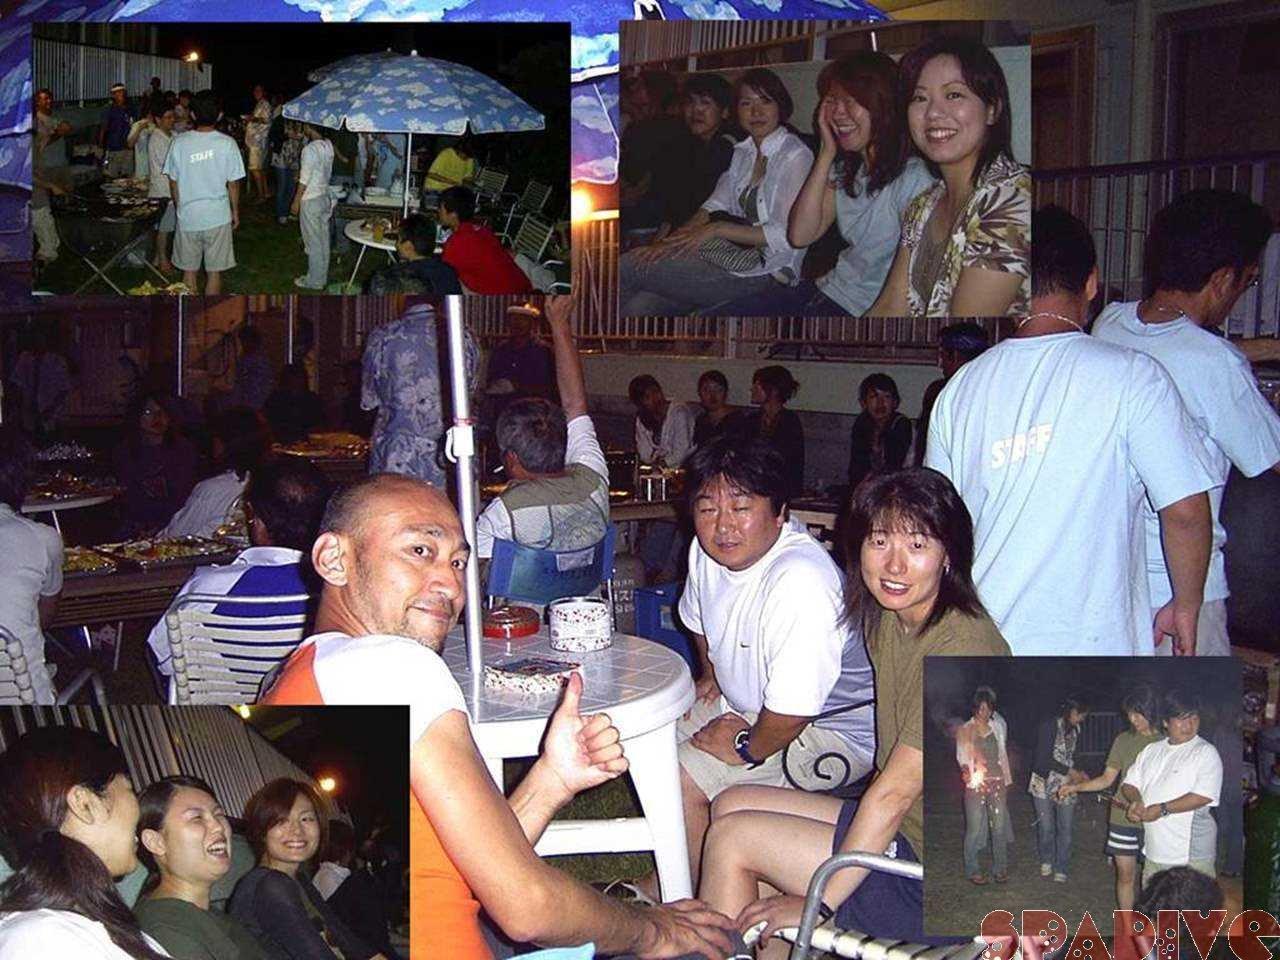 白浜シーサイドパーティー前夜祭 9/17/2005